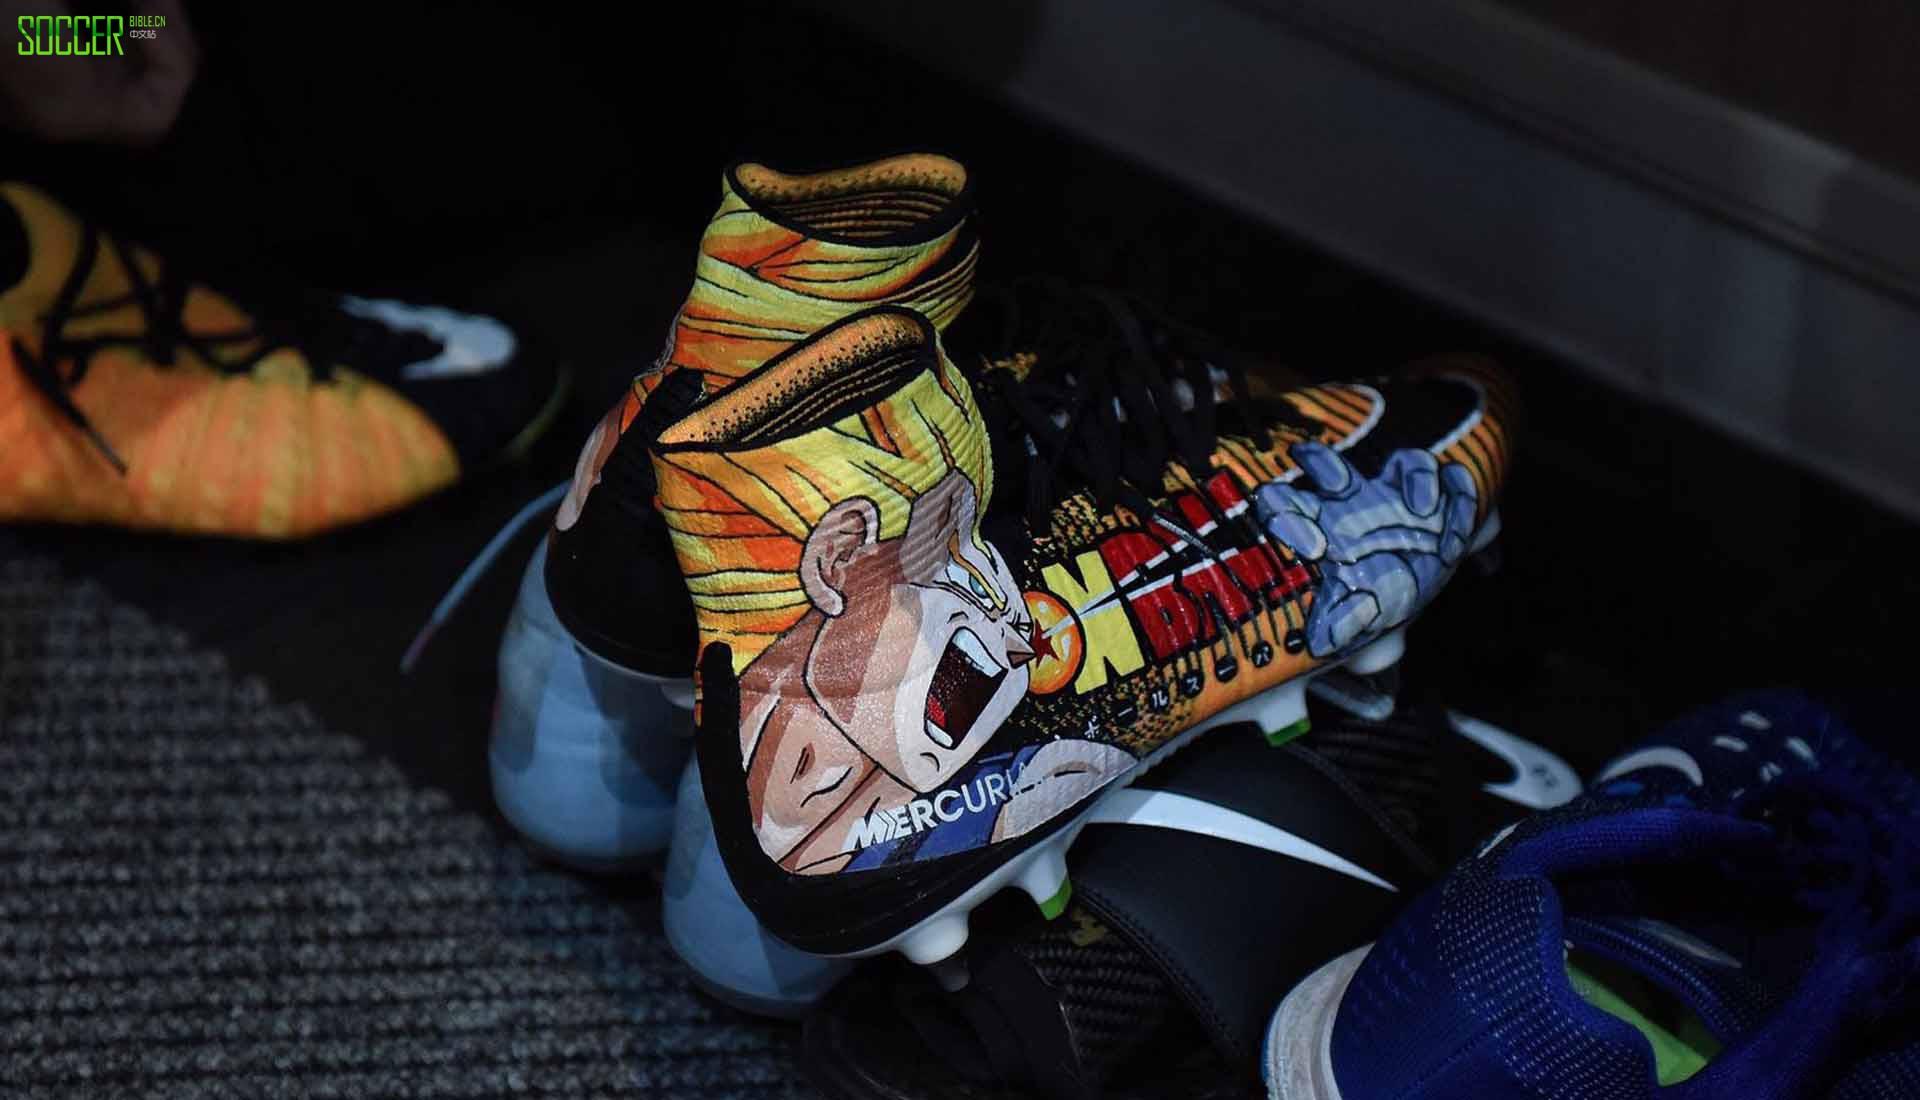 巴卡里・萨科的定制涂鸦刺客足球鞋